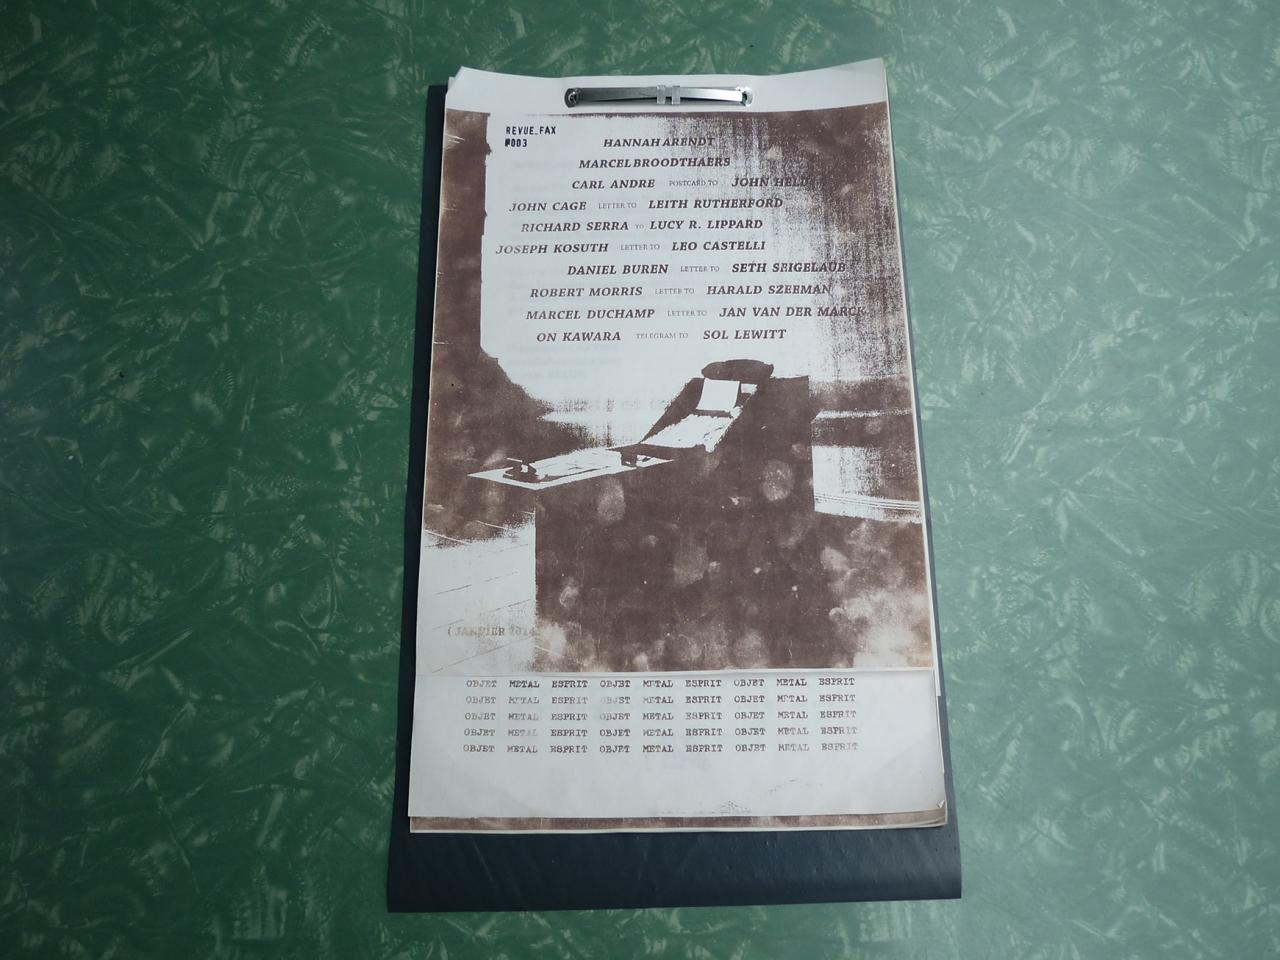 La Houle HRR-06 Revue_Fax